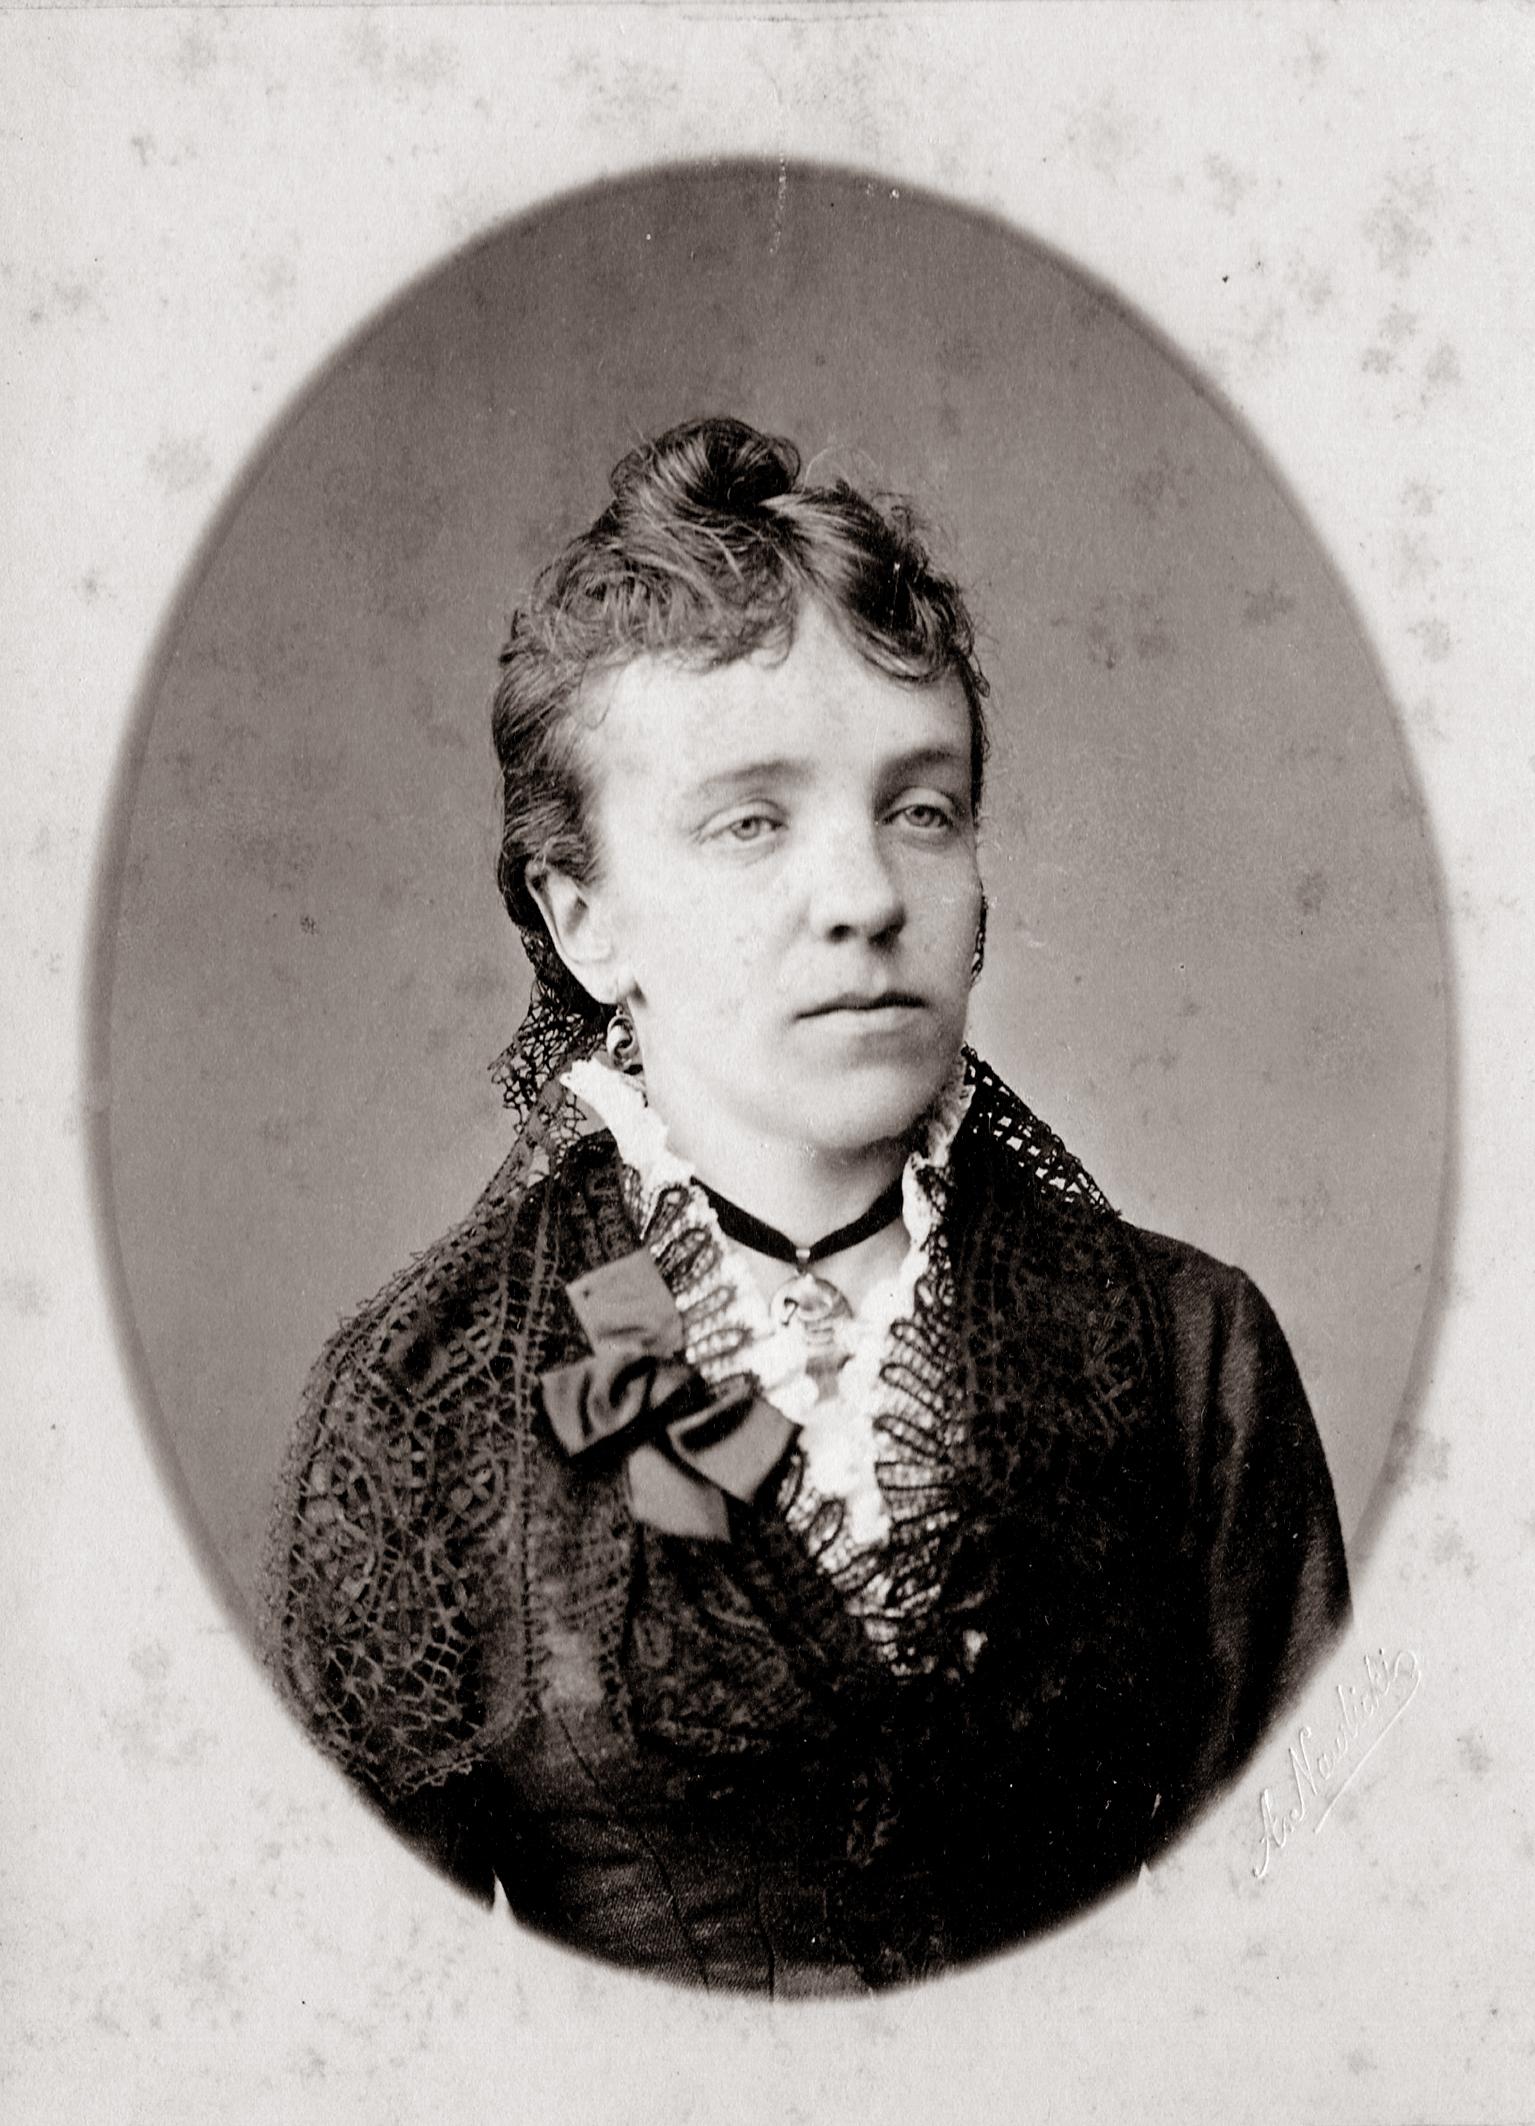 J. Moigio motina Liudvika Liucija Moigienė. XIX a. pabaiga. PANEVĖŽIO KRAŠTOTYROS MUZIEJAUS FONDO nuotr.